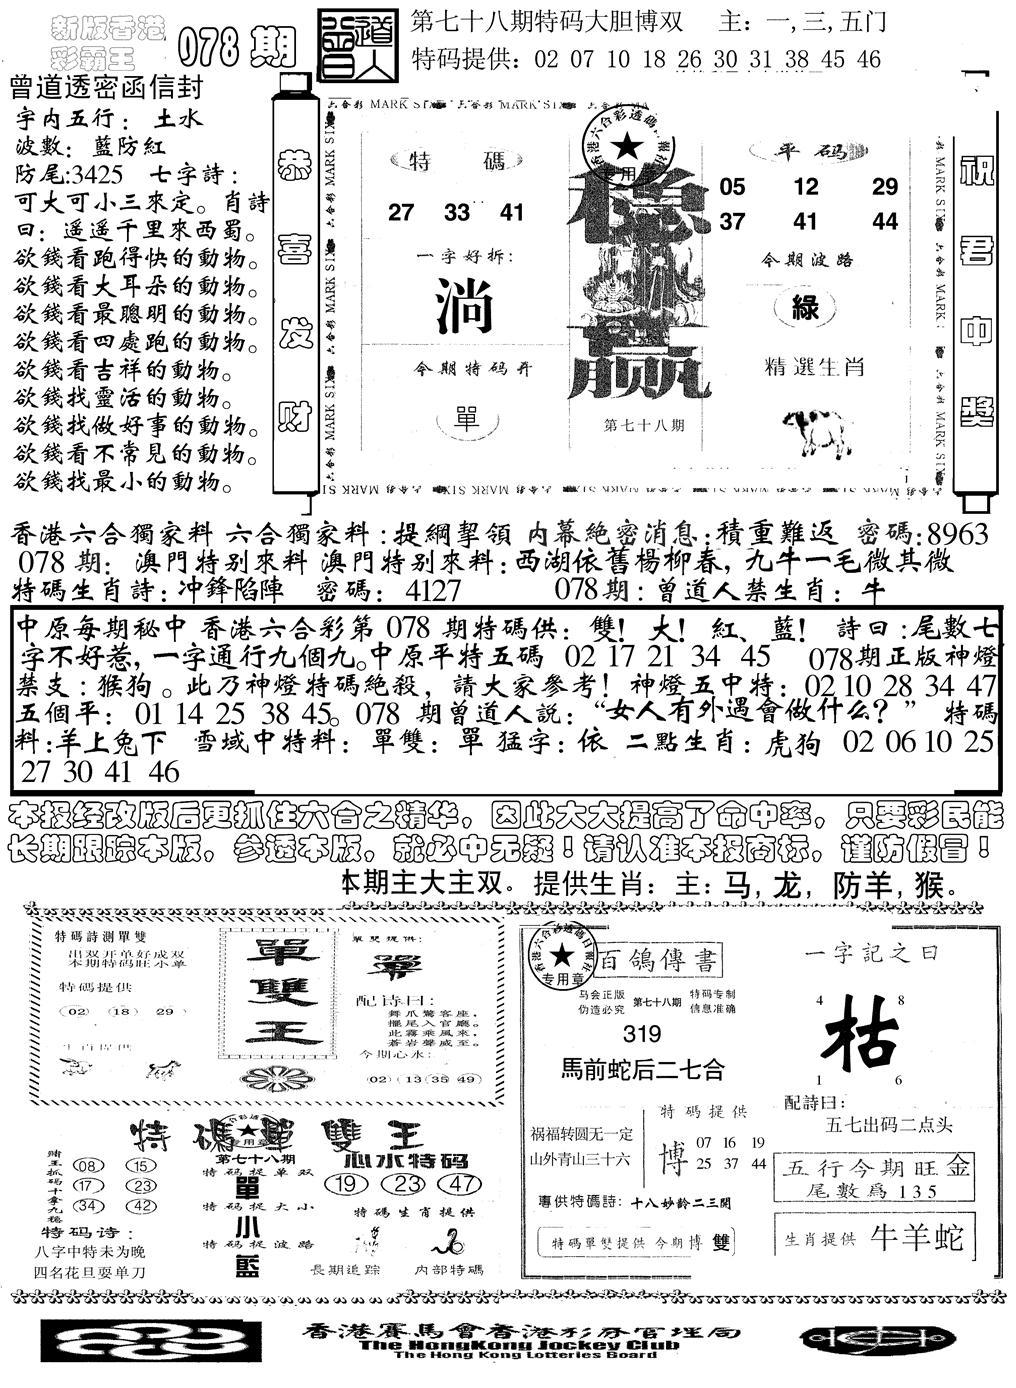 69 2018黑白图库 -另版彩霸王综合b   和彩霸王相关的图片 本站自制